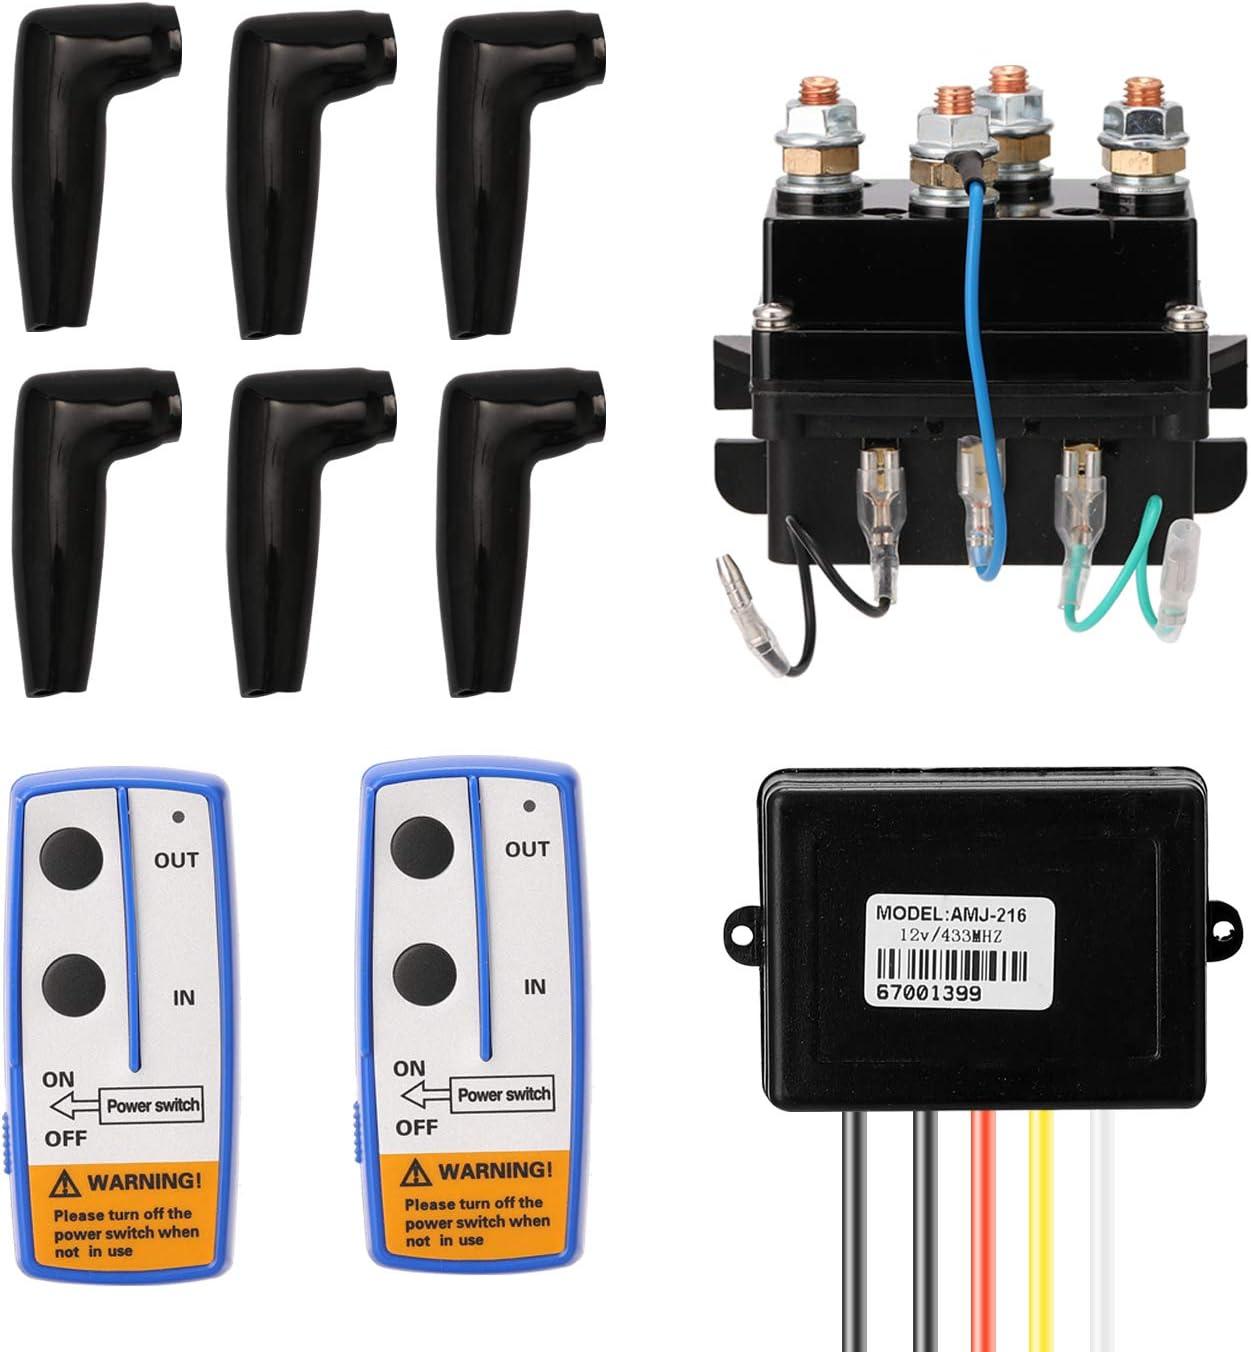 KKmoon Rel/é Electromagn/ético de Cabrestante El/éctrico,DC12V Universal 400A Winch Solenoid Relay,Juego de Cabrestante El/éctrico